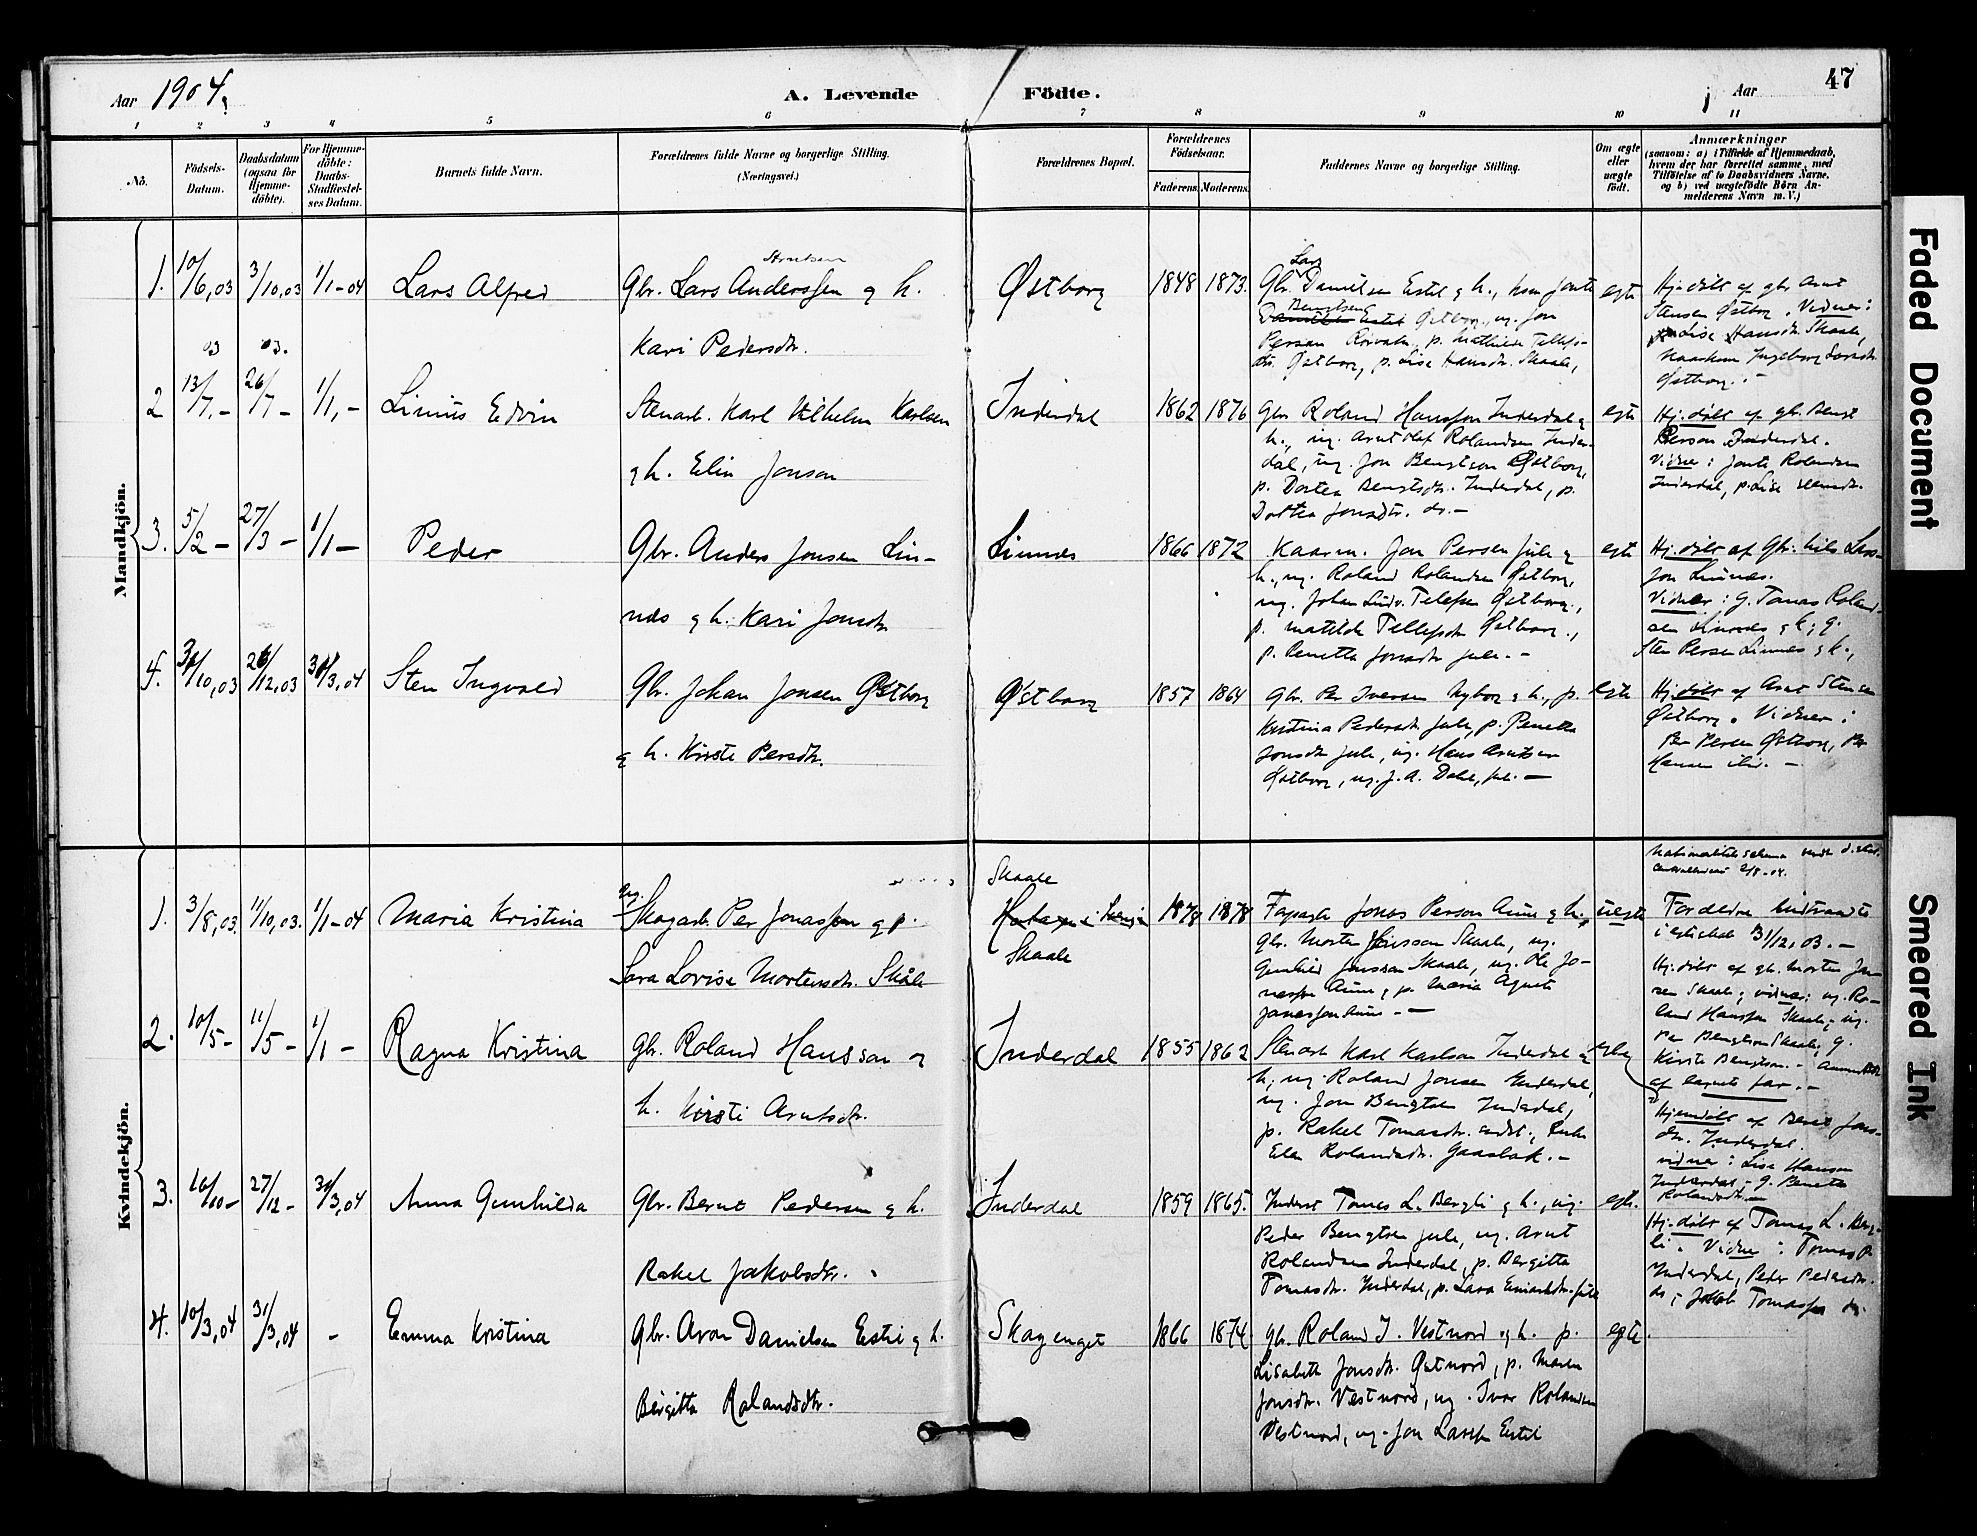 SAT, Ministerialprotokoller, klokkerbøker og fødselsregistre - Nord-Trøndelag, 757/L0505: Ministerialbok nr. 757A01, 1882-1904, s. 47